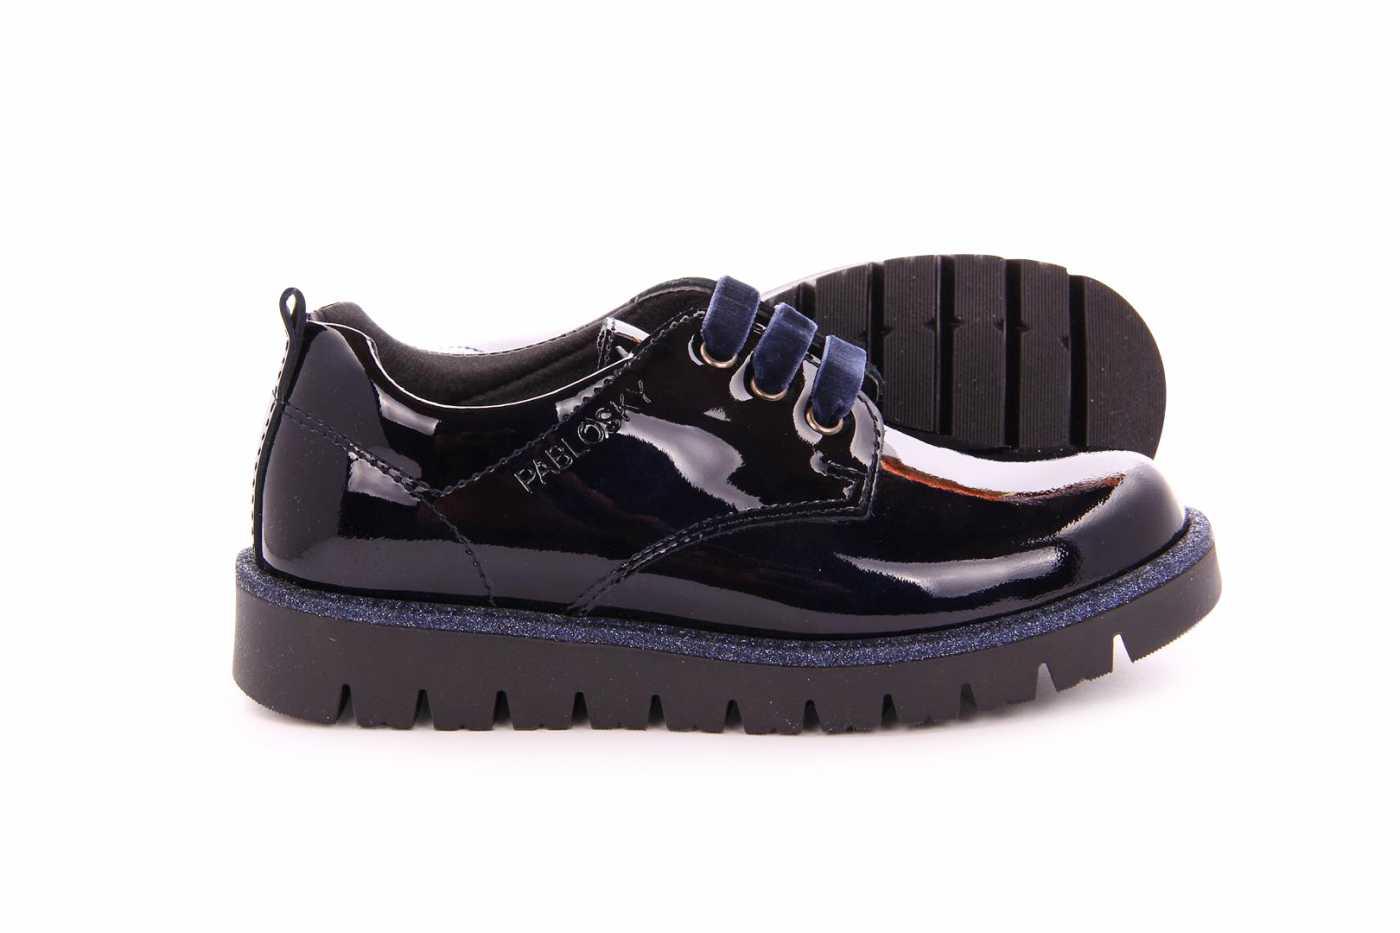 c88a7e405 Comprar zapato tipo JOVEN NIÑA estilo BLUCHER COLOR AZUL CHAROL ...